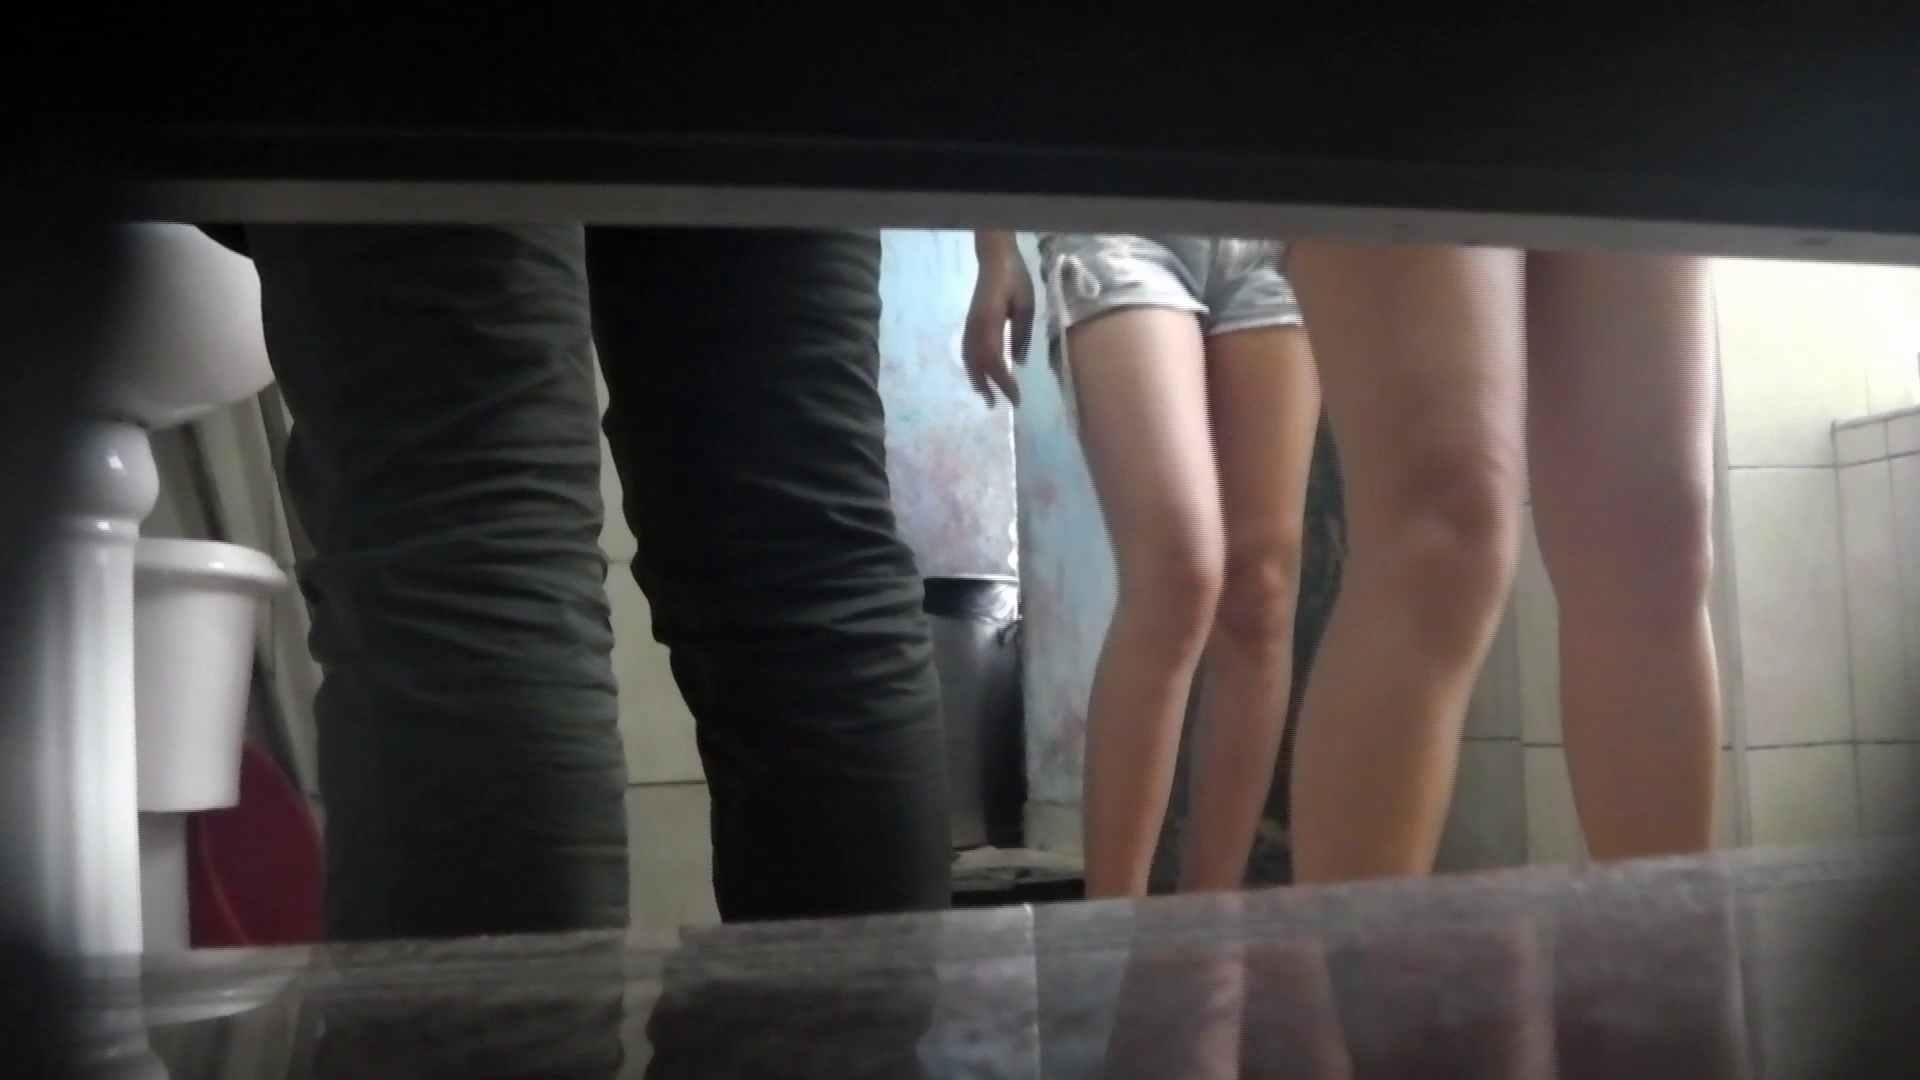 トイレ盗撮|ステーション編 vol46 美女のアップが盛りだくさん。|怪盗ジョーカー